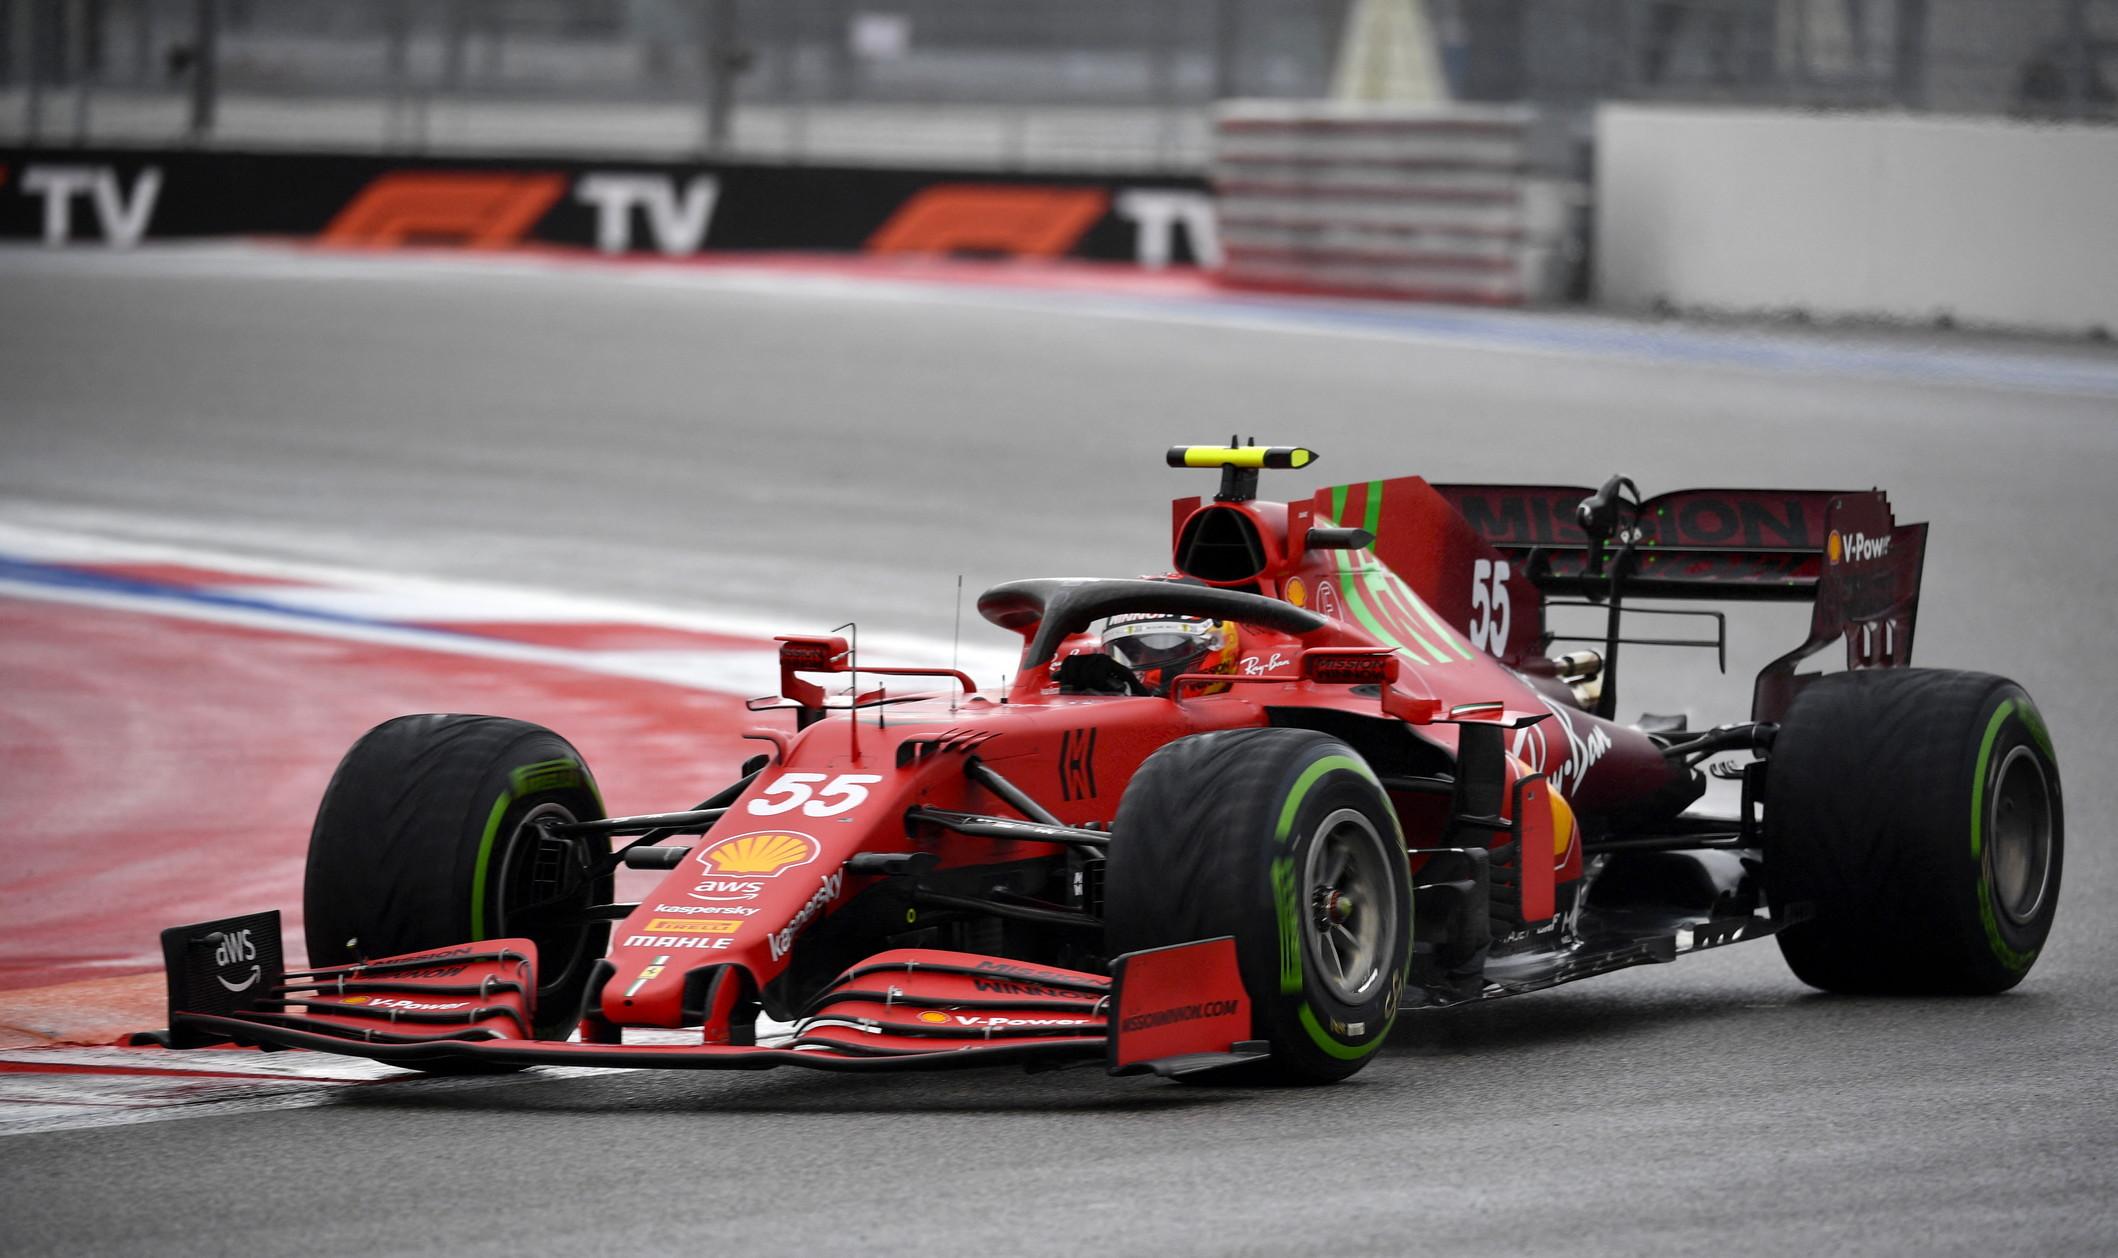 Prima pole in carriera in F1 per il britannico davanti a Sainz e al connazionale Russell<br /><br />